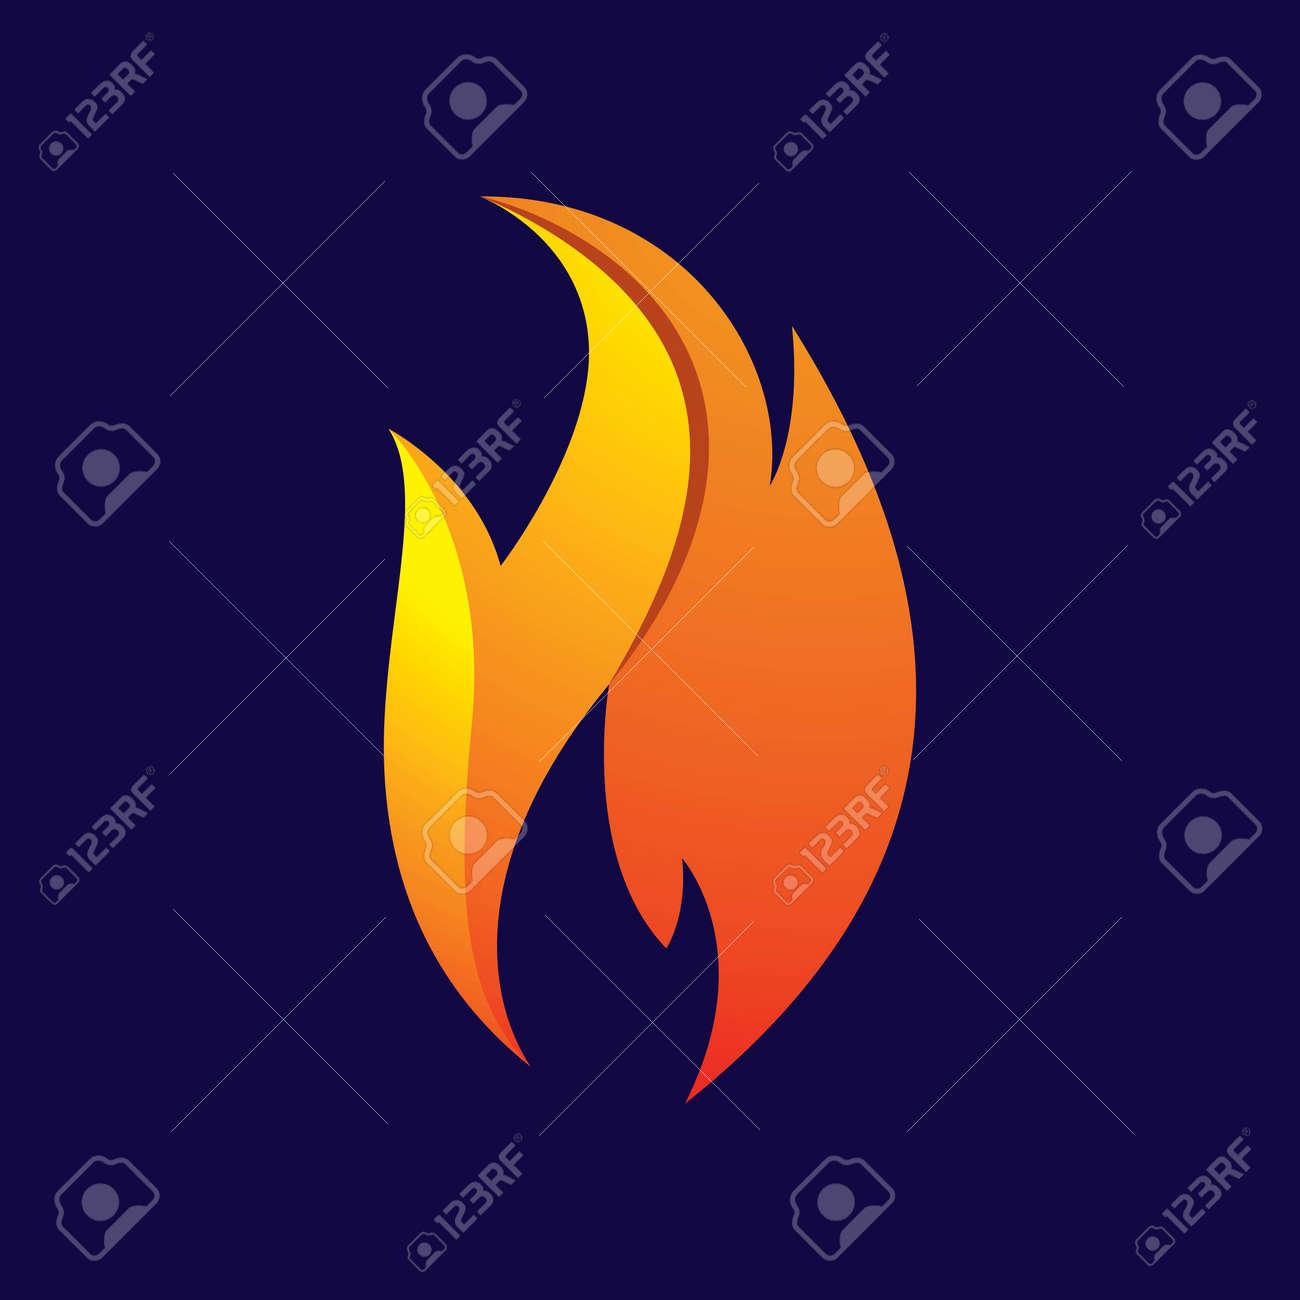 Fire logo images illustration design - 168292208